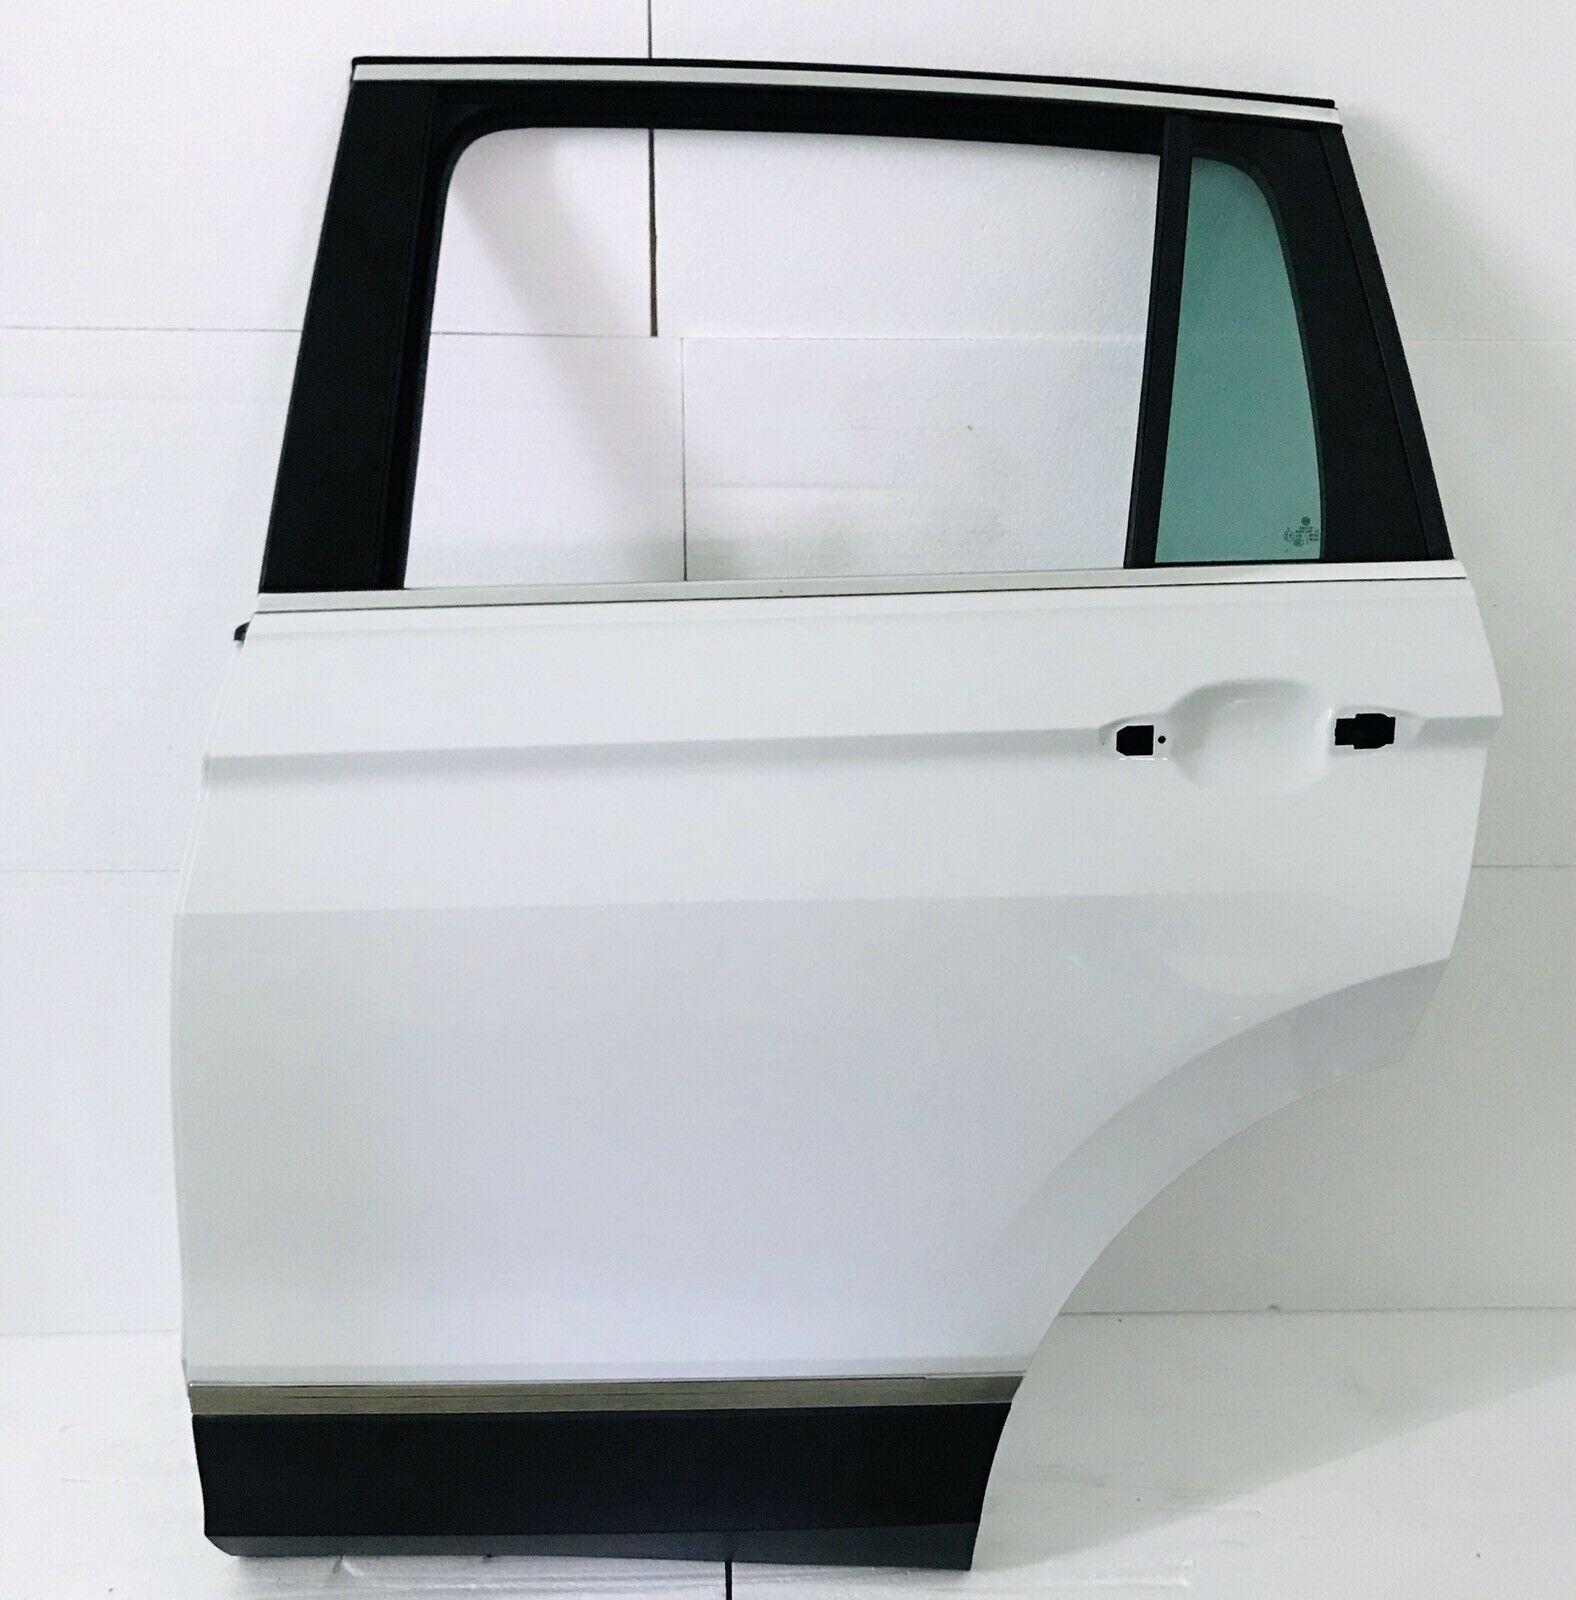 Porta Portiera Sportello Posteriore SX Volkswagen Tiguan Anno 2019 Originale